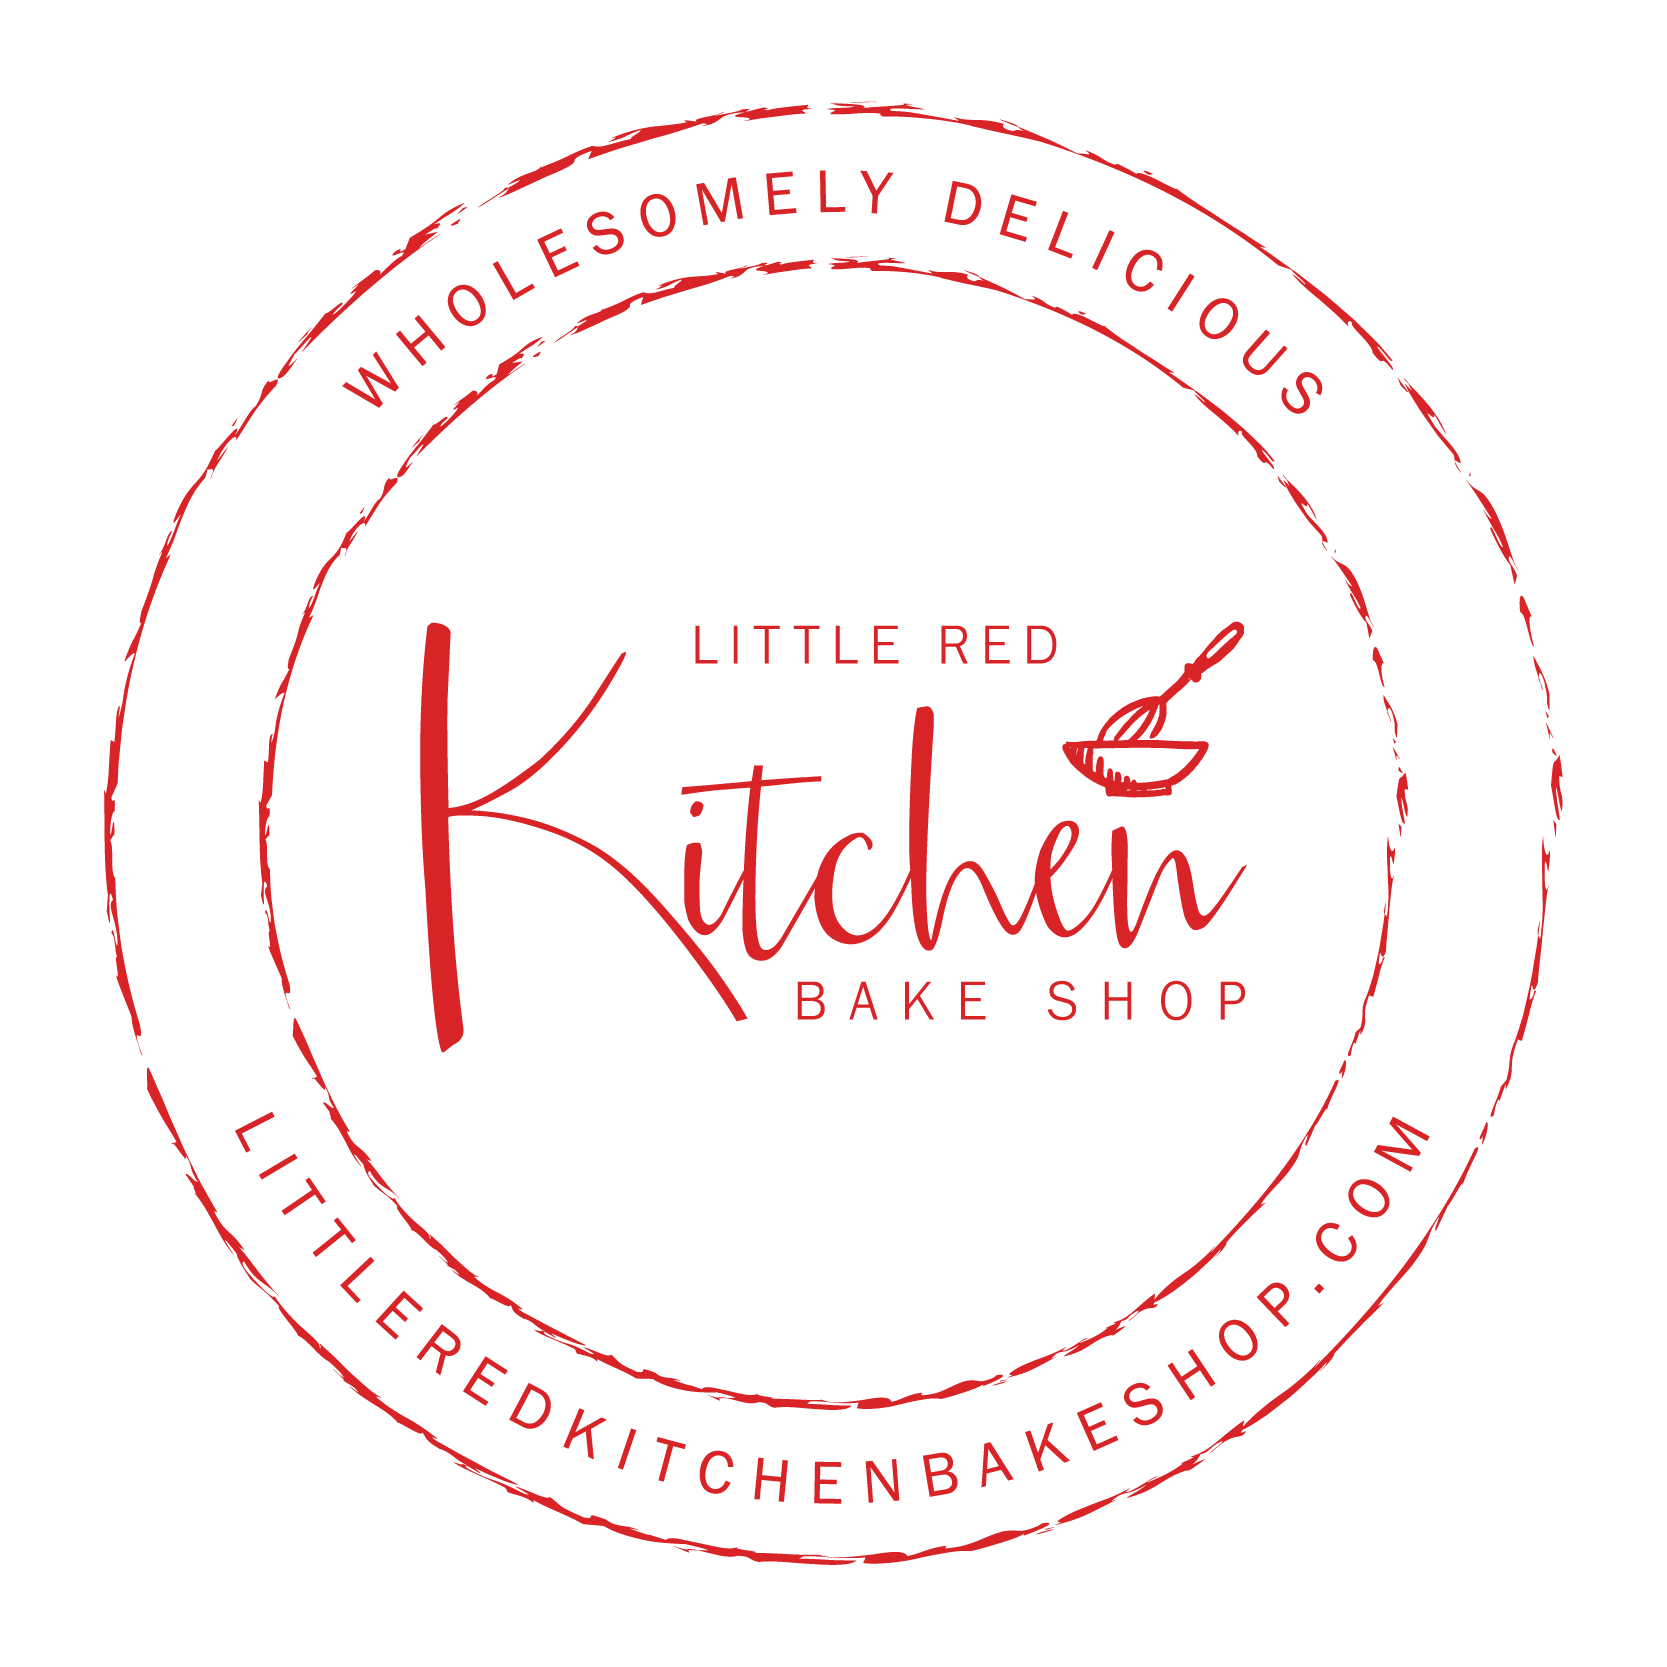 Little Red Kitchen Bake Shop